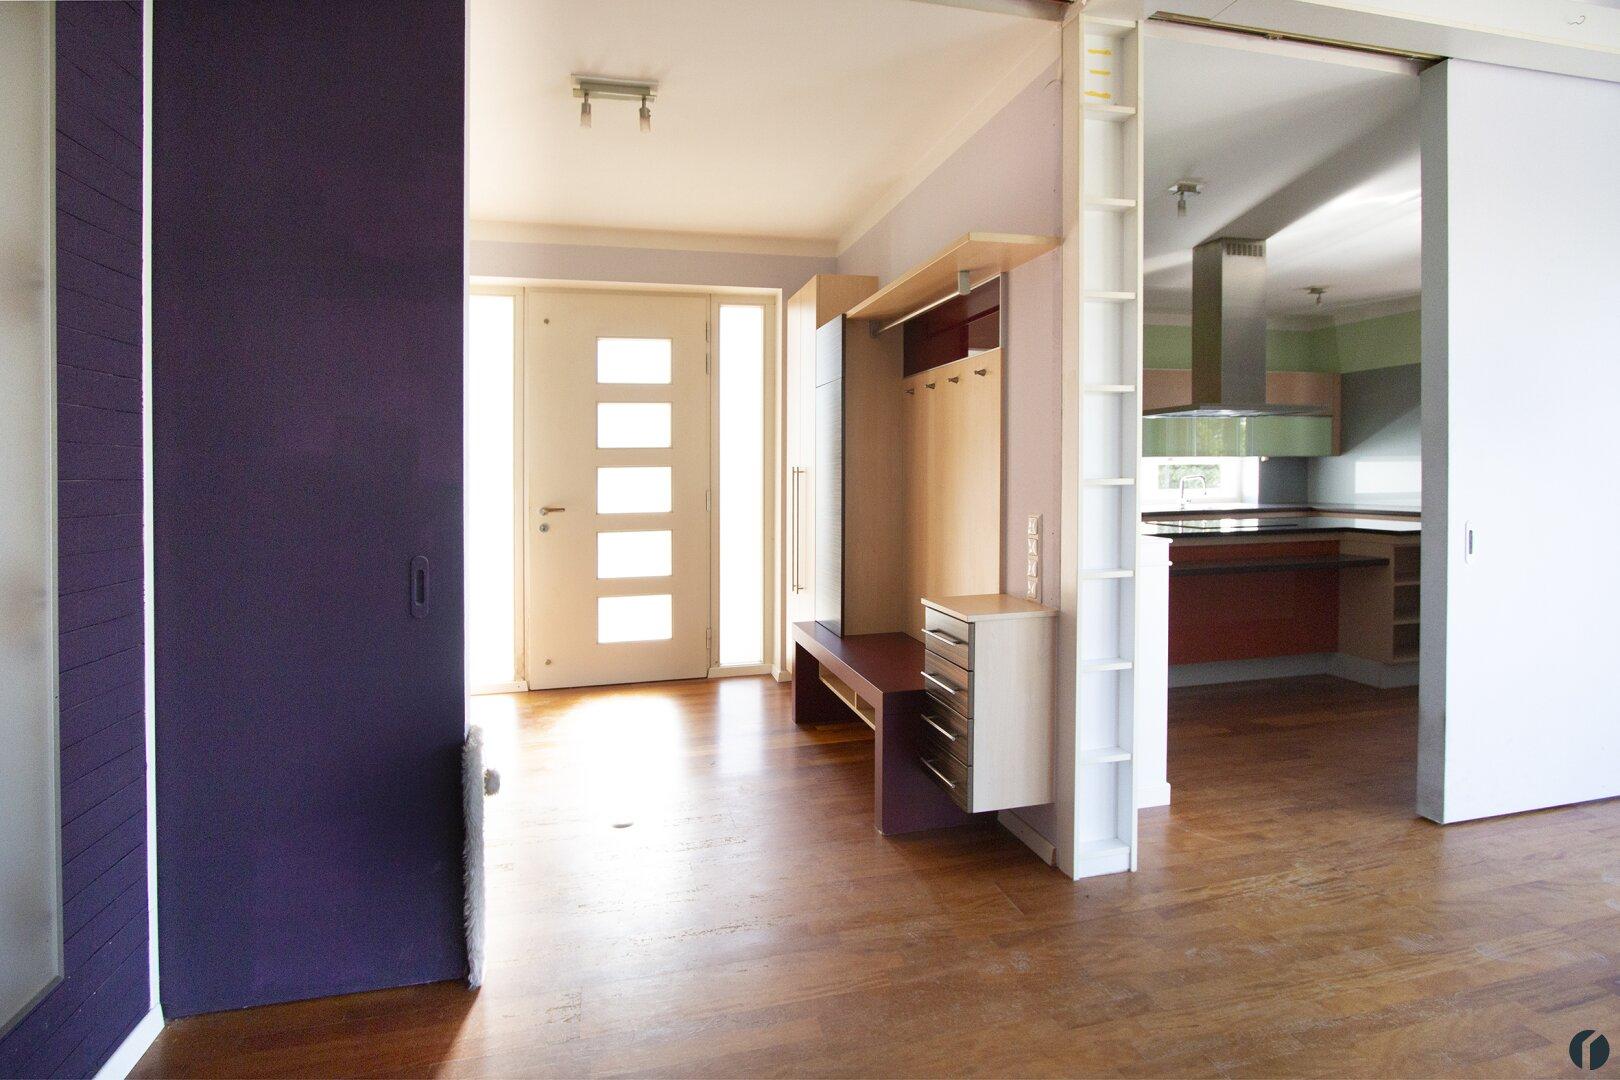 Blick zum Eingangsbereich mit halboffenen Schiebewänden